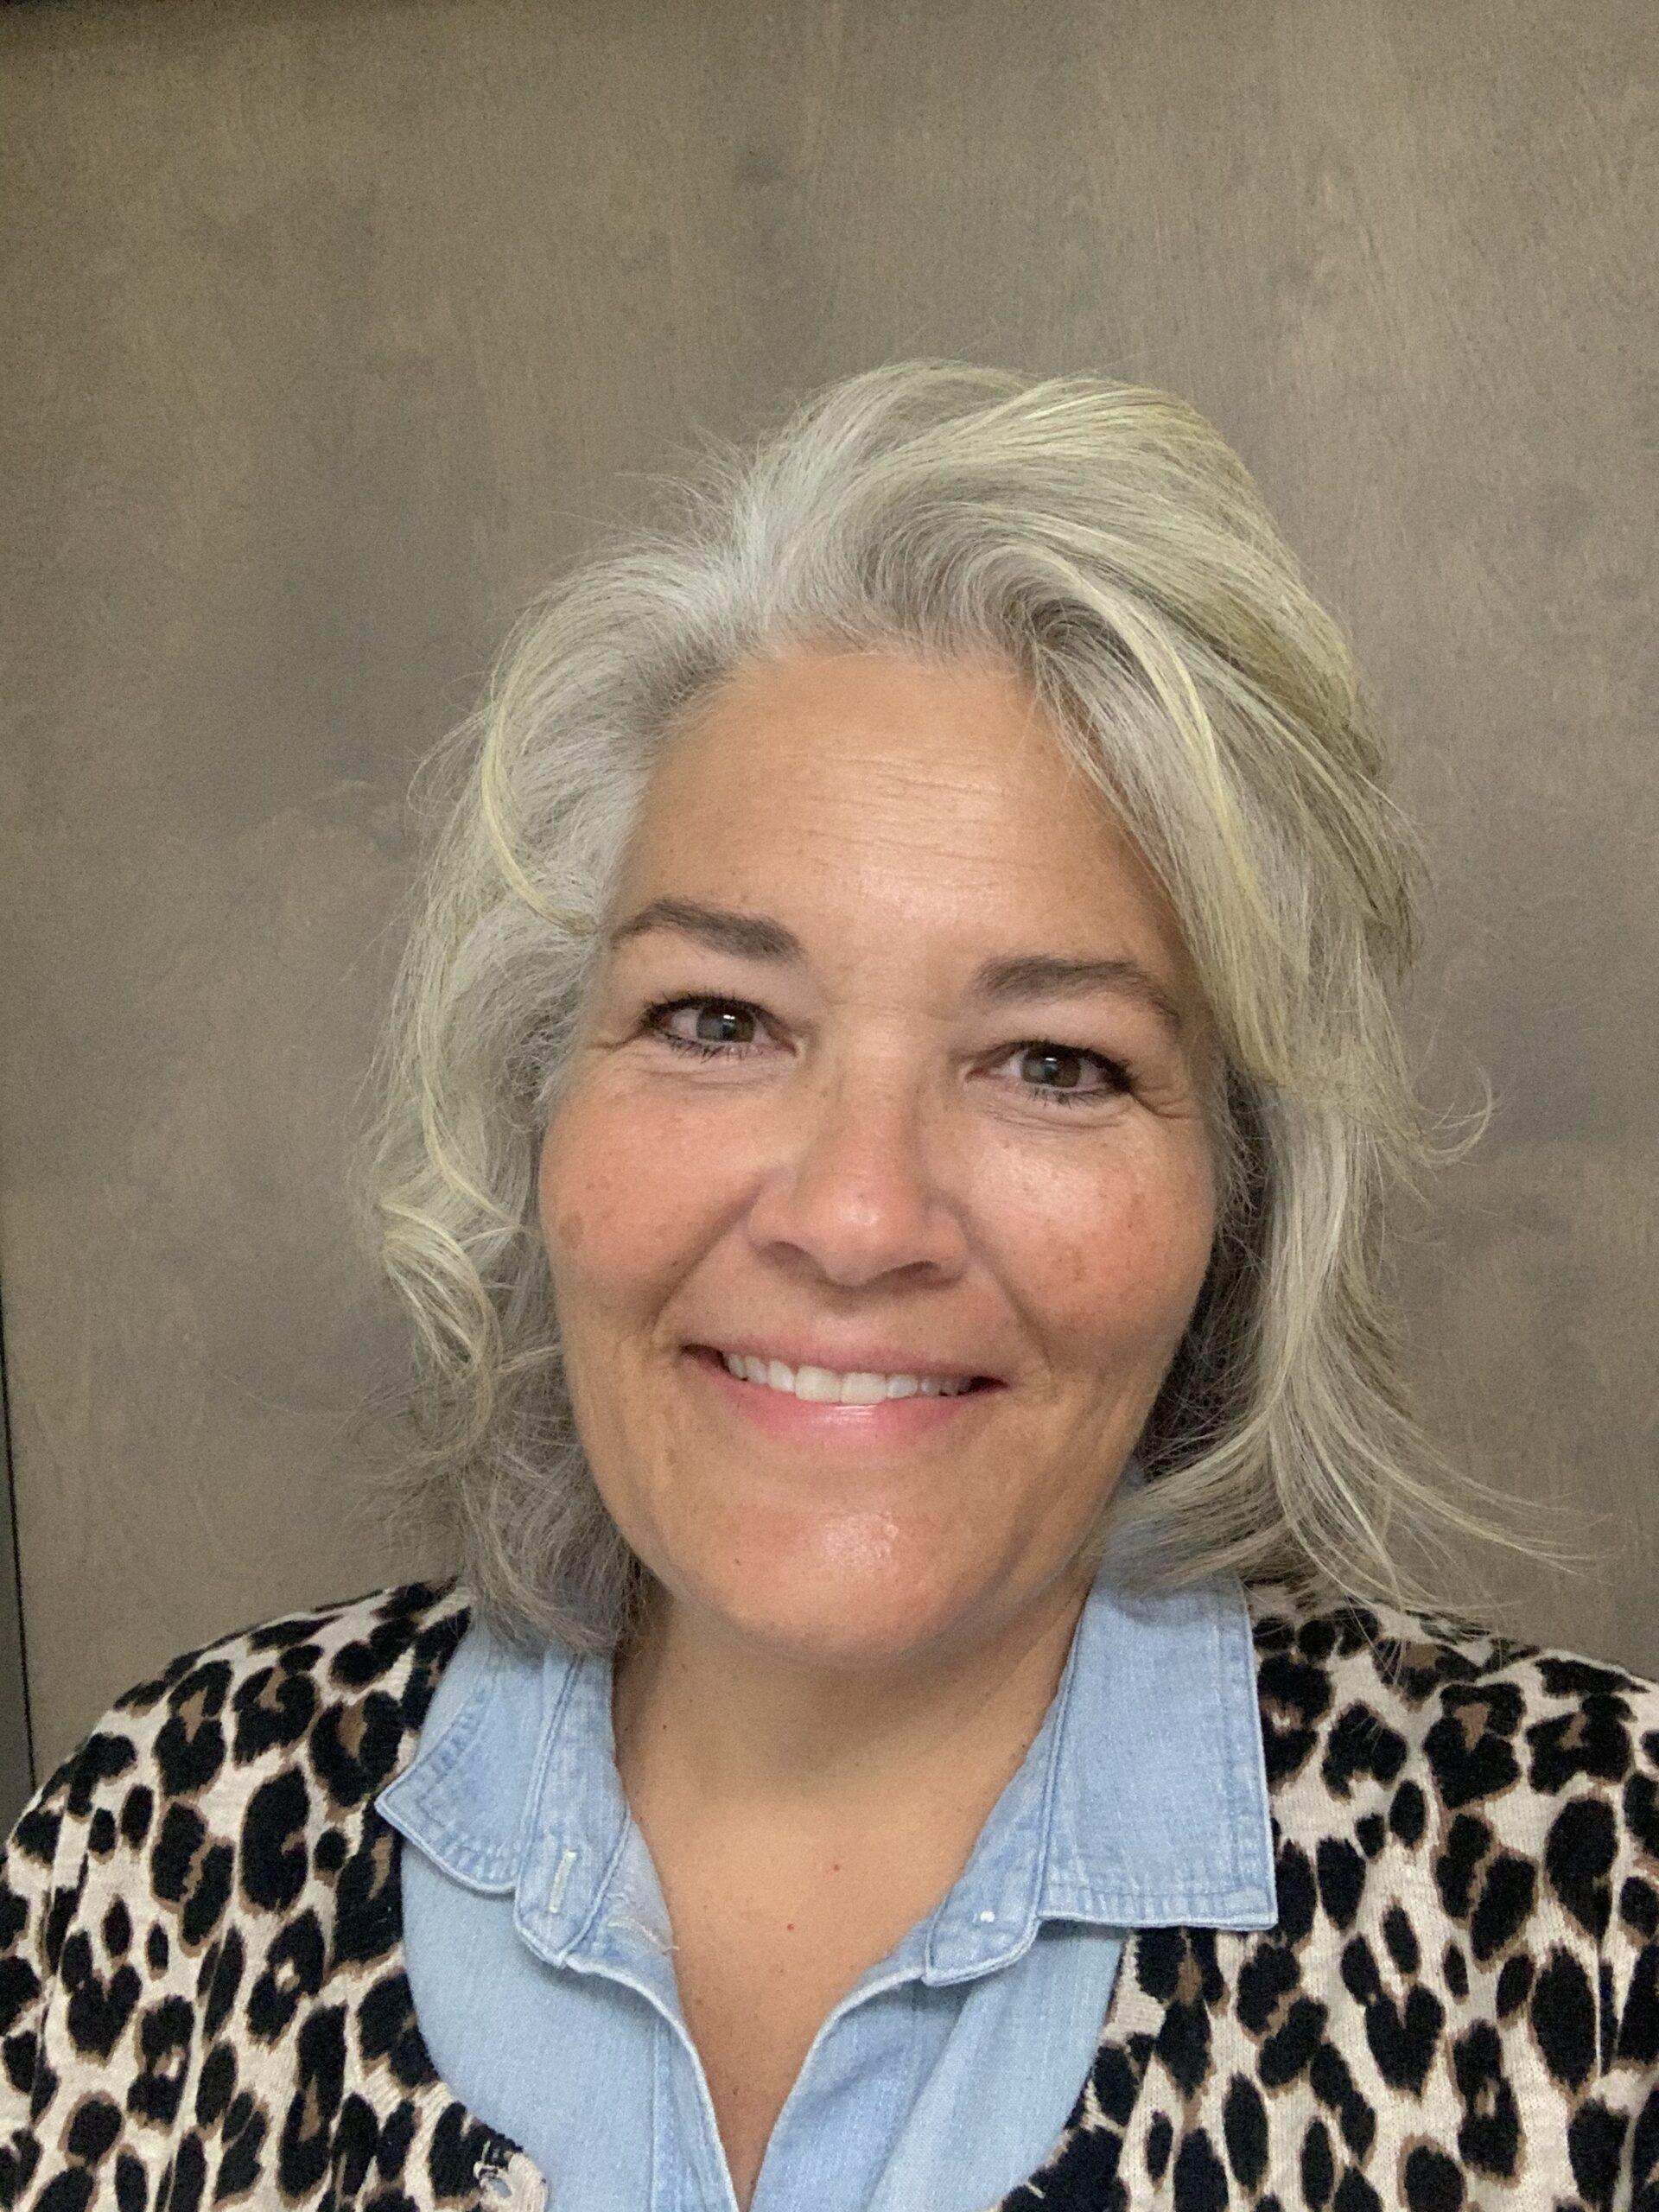 Pam Felter